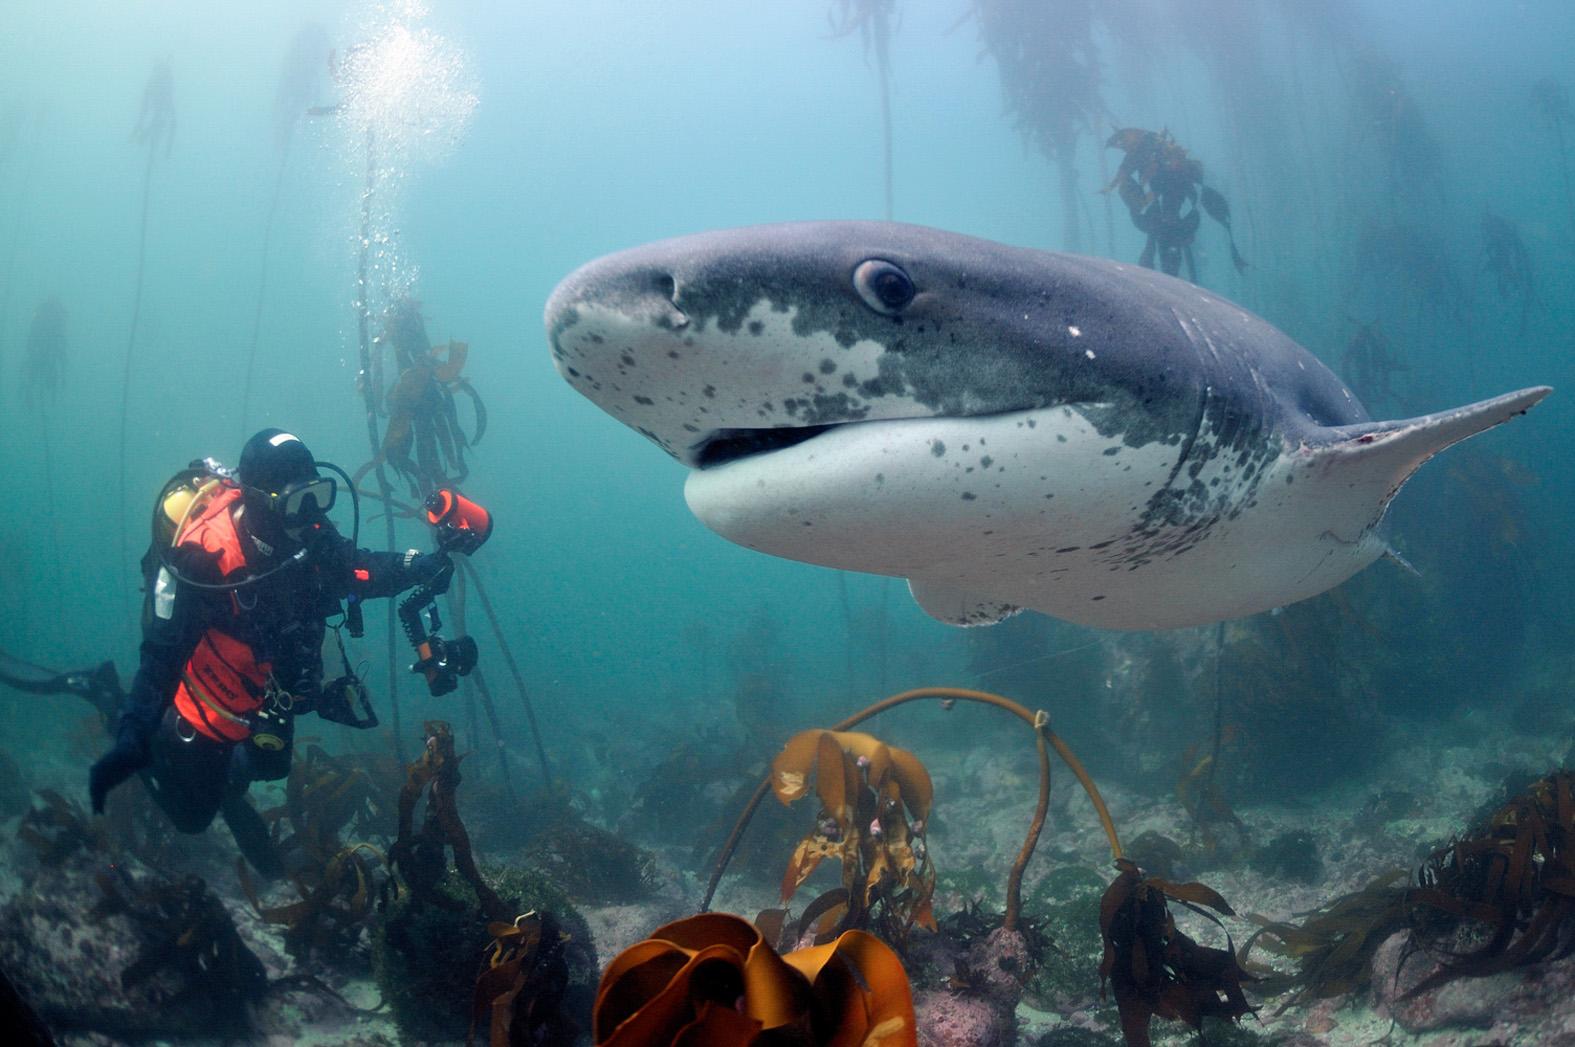 foto van reuzenhaai onderwater met duikers